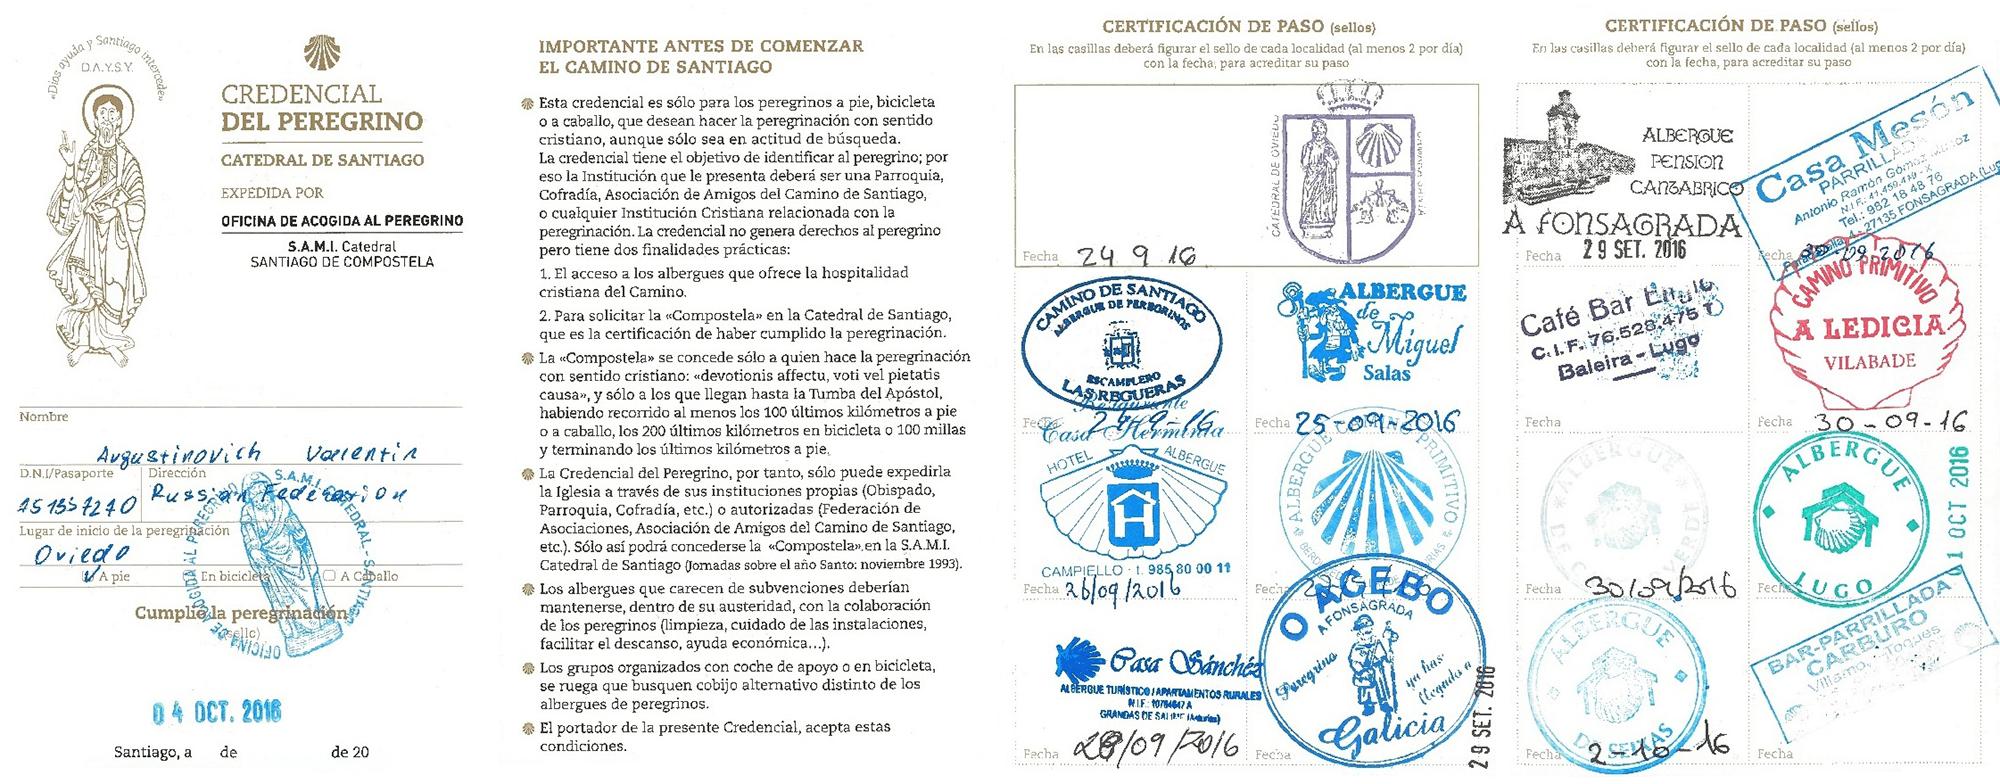 Первые четыре страницы моего первого паспорта